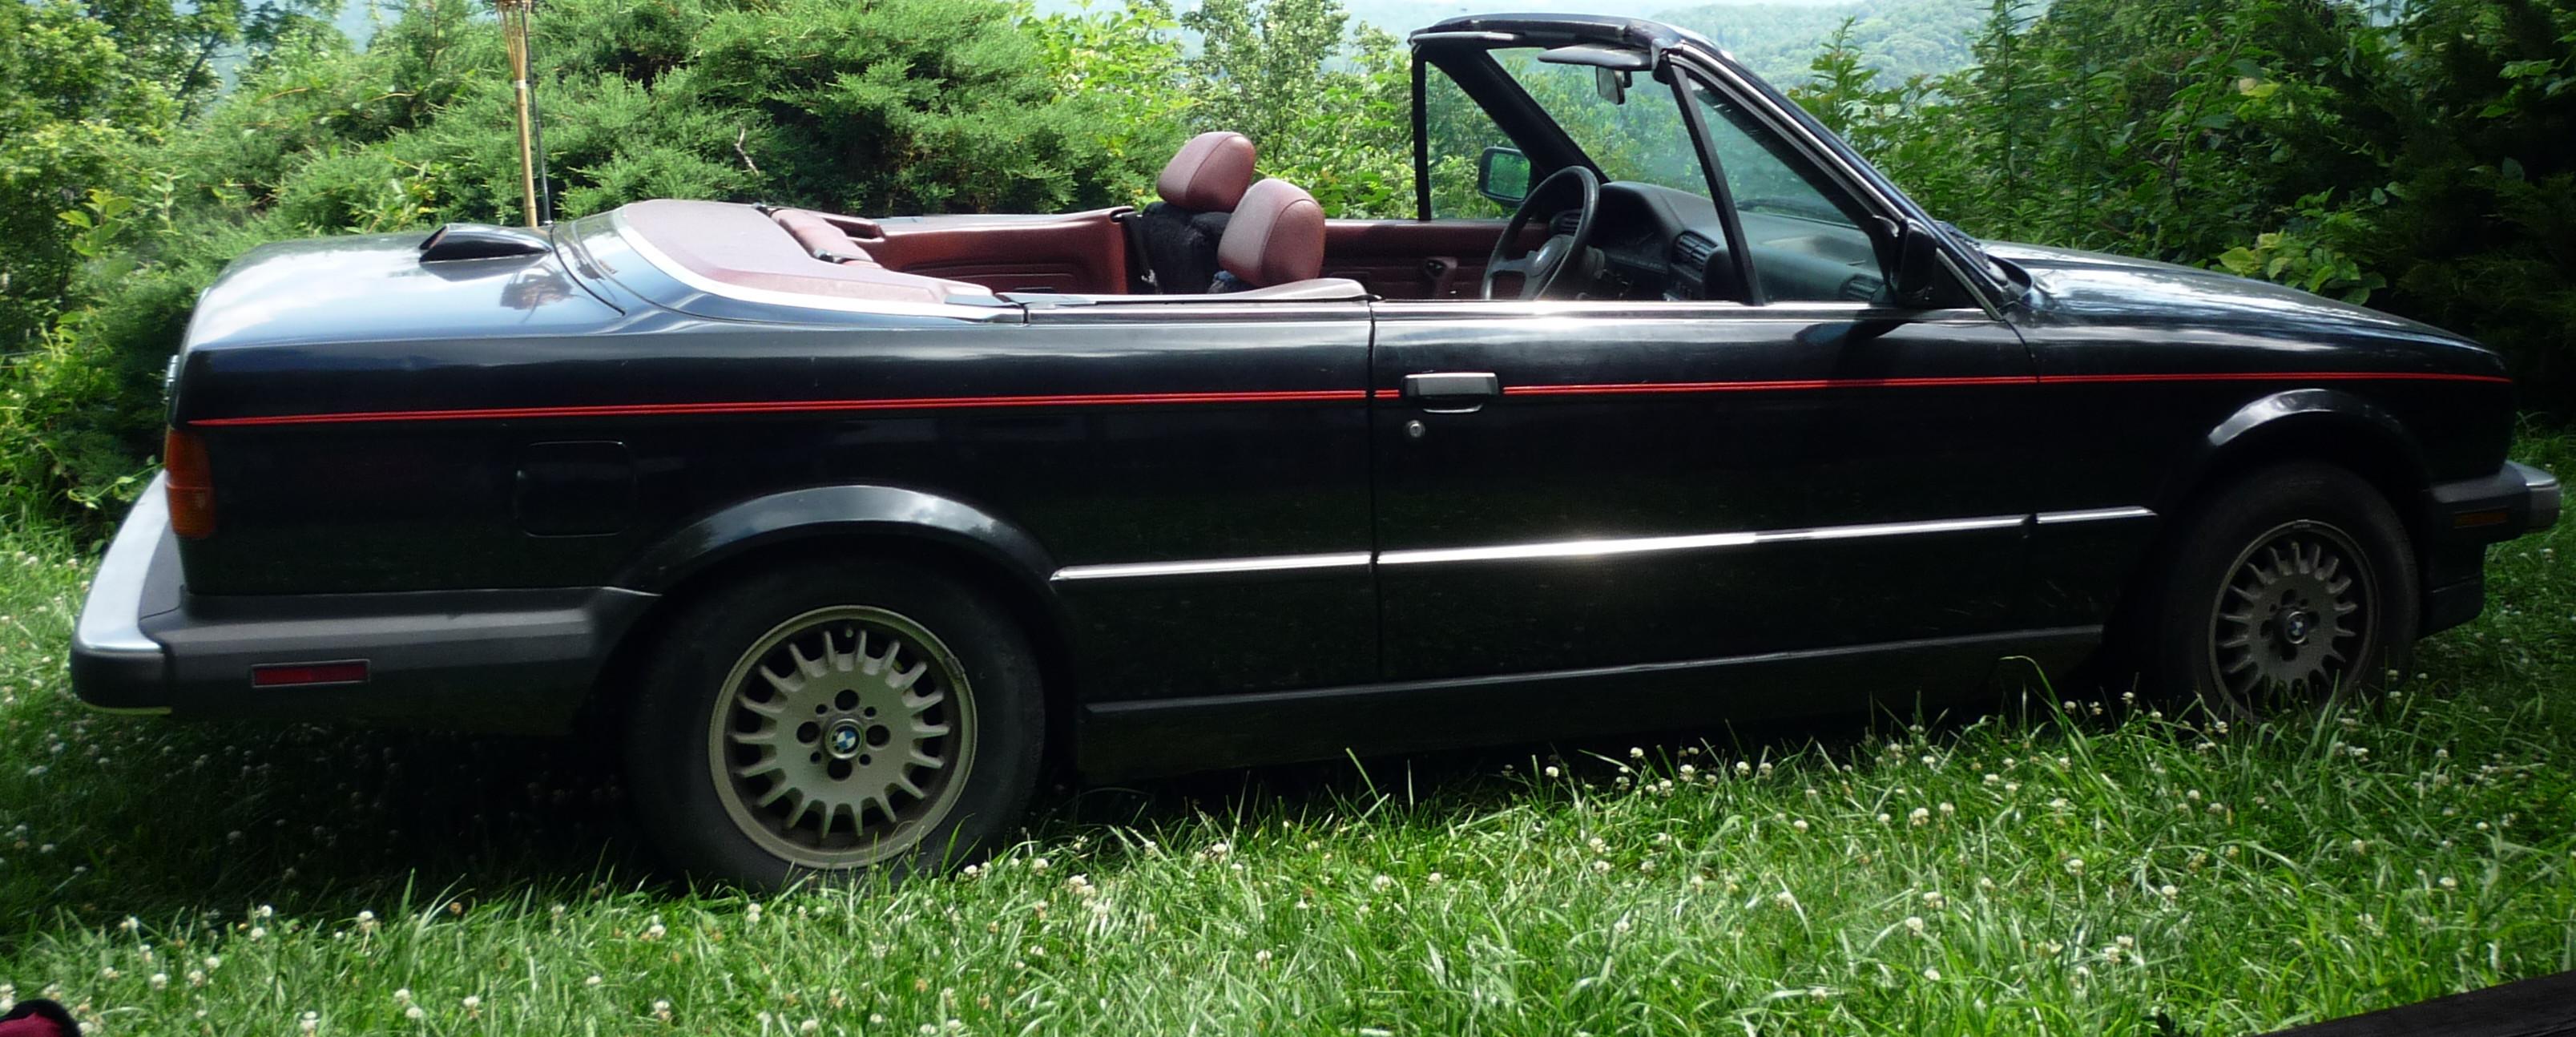 E30 BMW 325i Cylinder Head Rebuild, Fixing bent valves